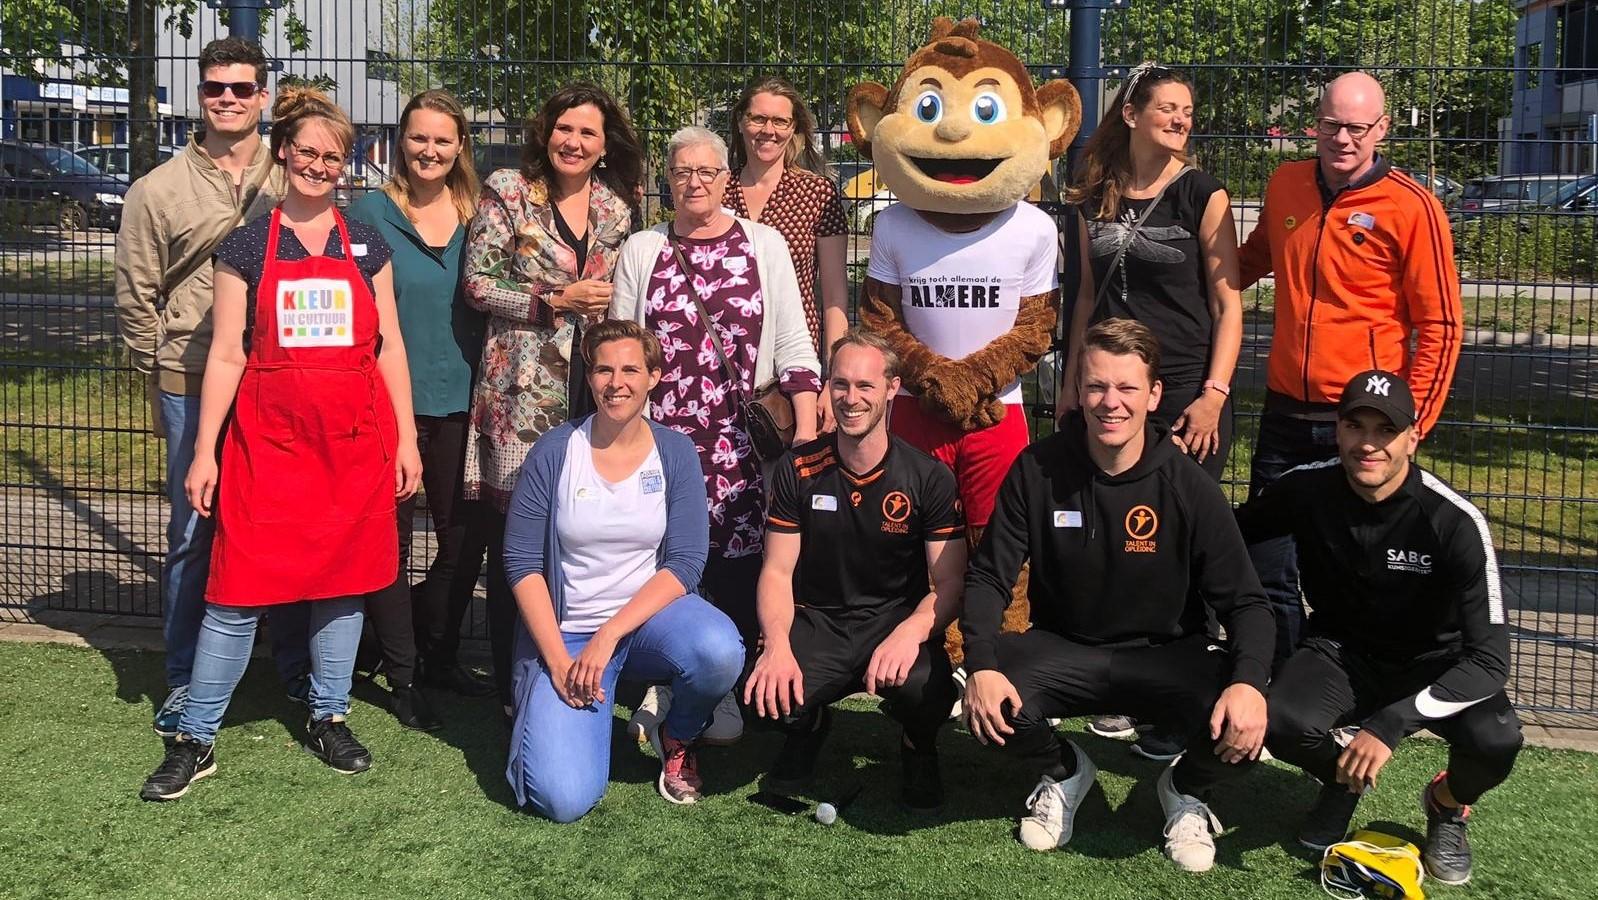 Ally de Aap opent Almere City FC Cruyff Court met wethouder